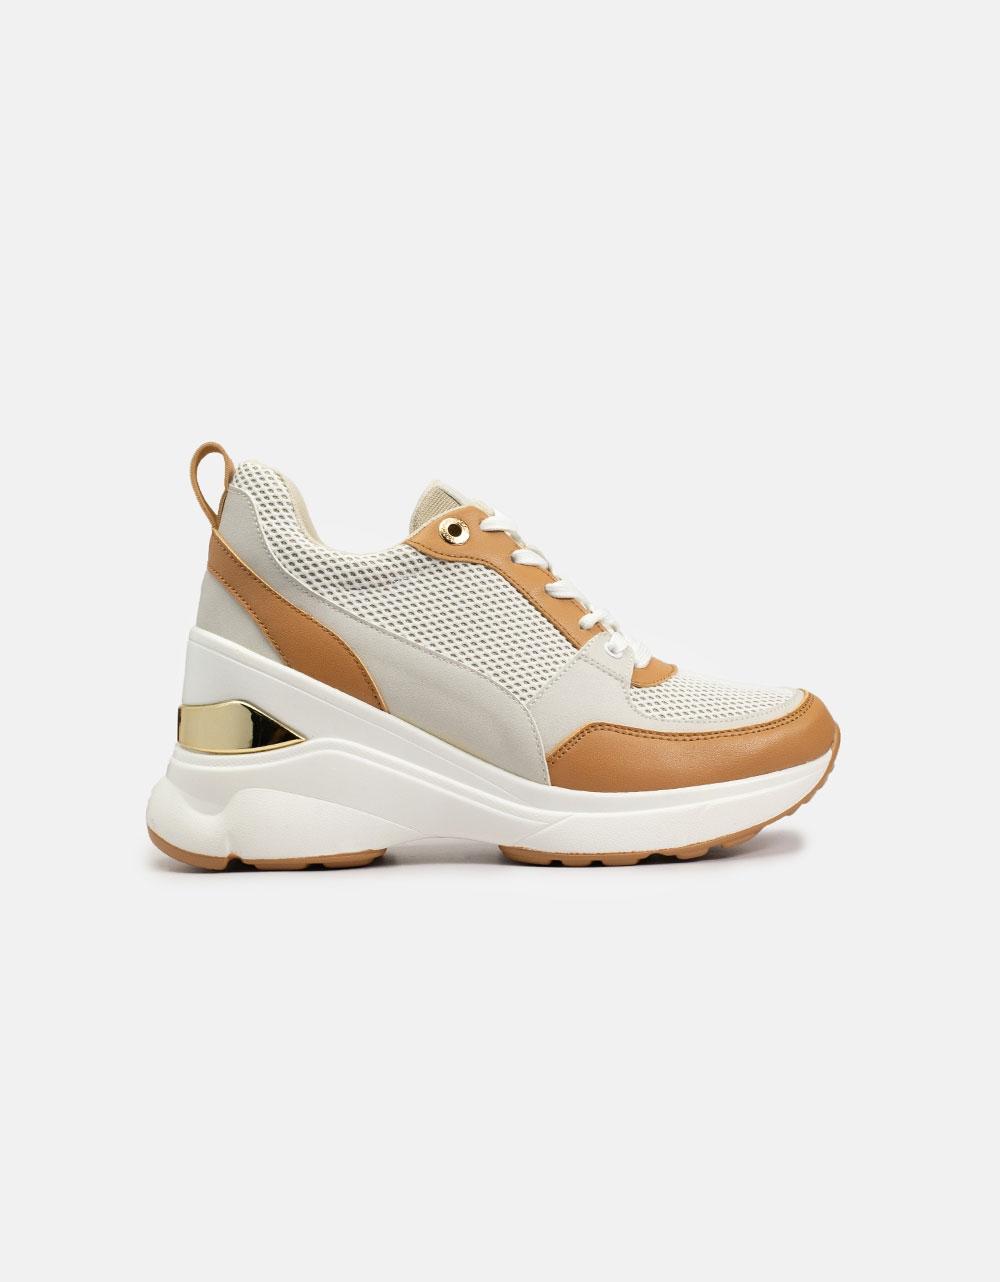 Εικόνα από Γυναικεία sneakers σε συνδυασμούς υλικών Ταμπά